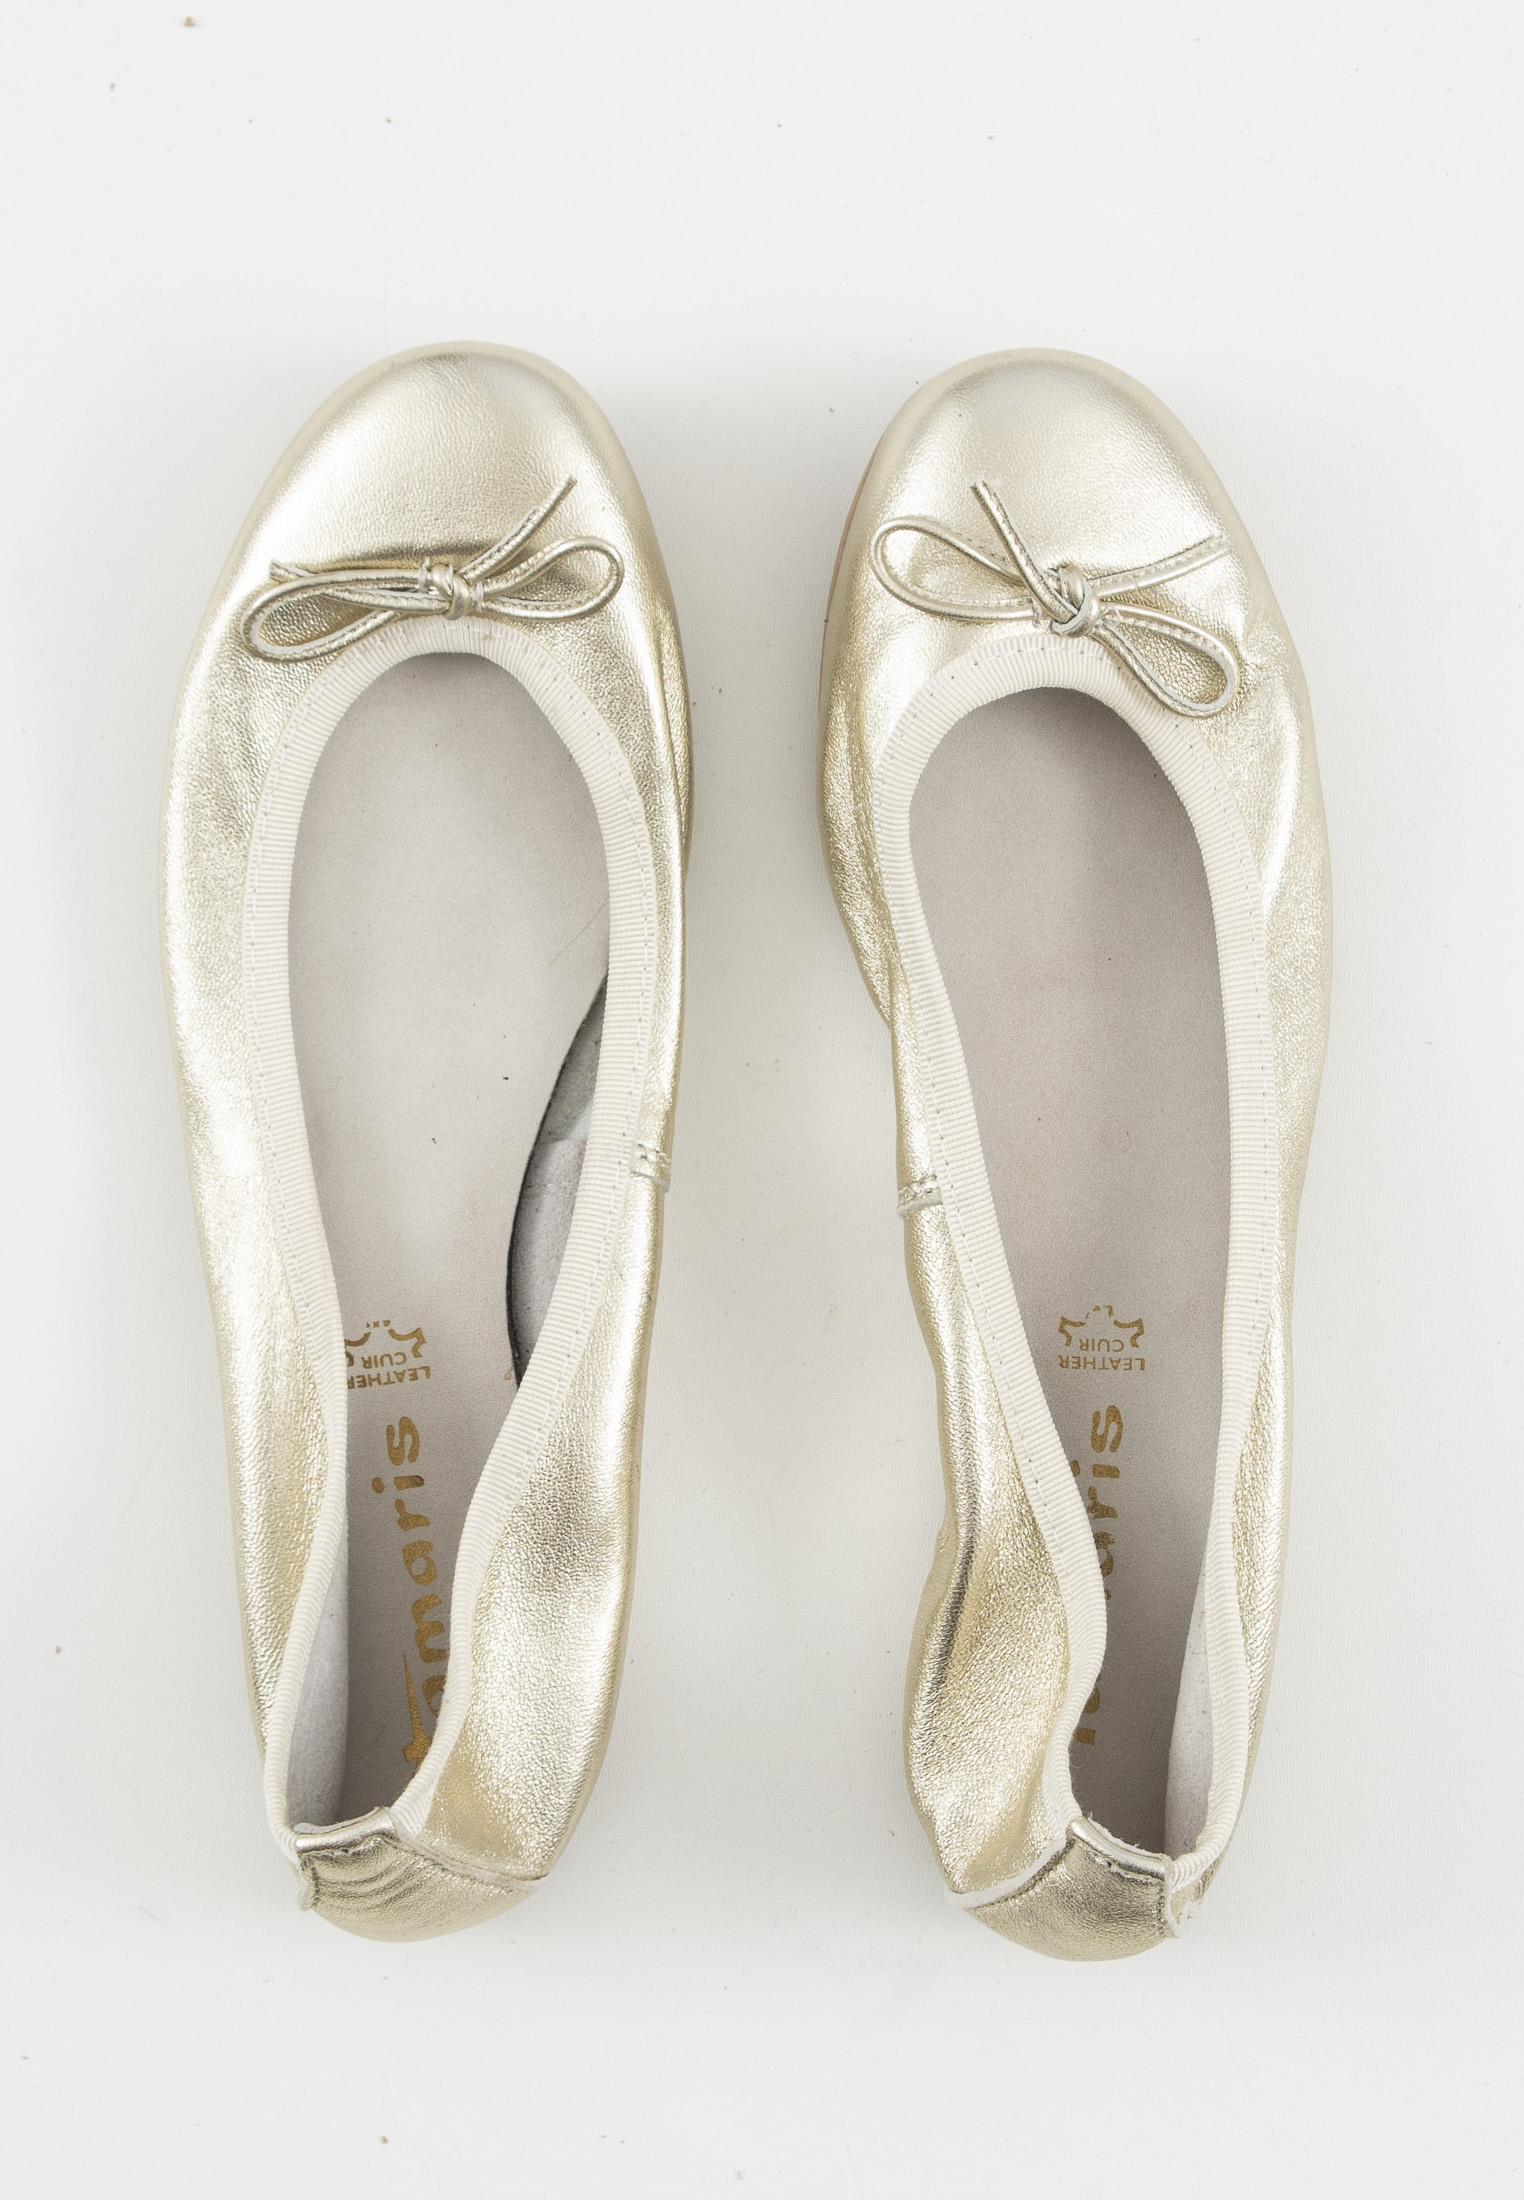 Tamaris Halbschuh / Ballerina Beige Gr.38